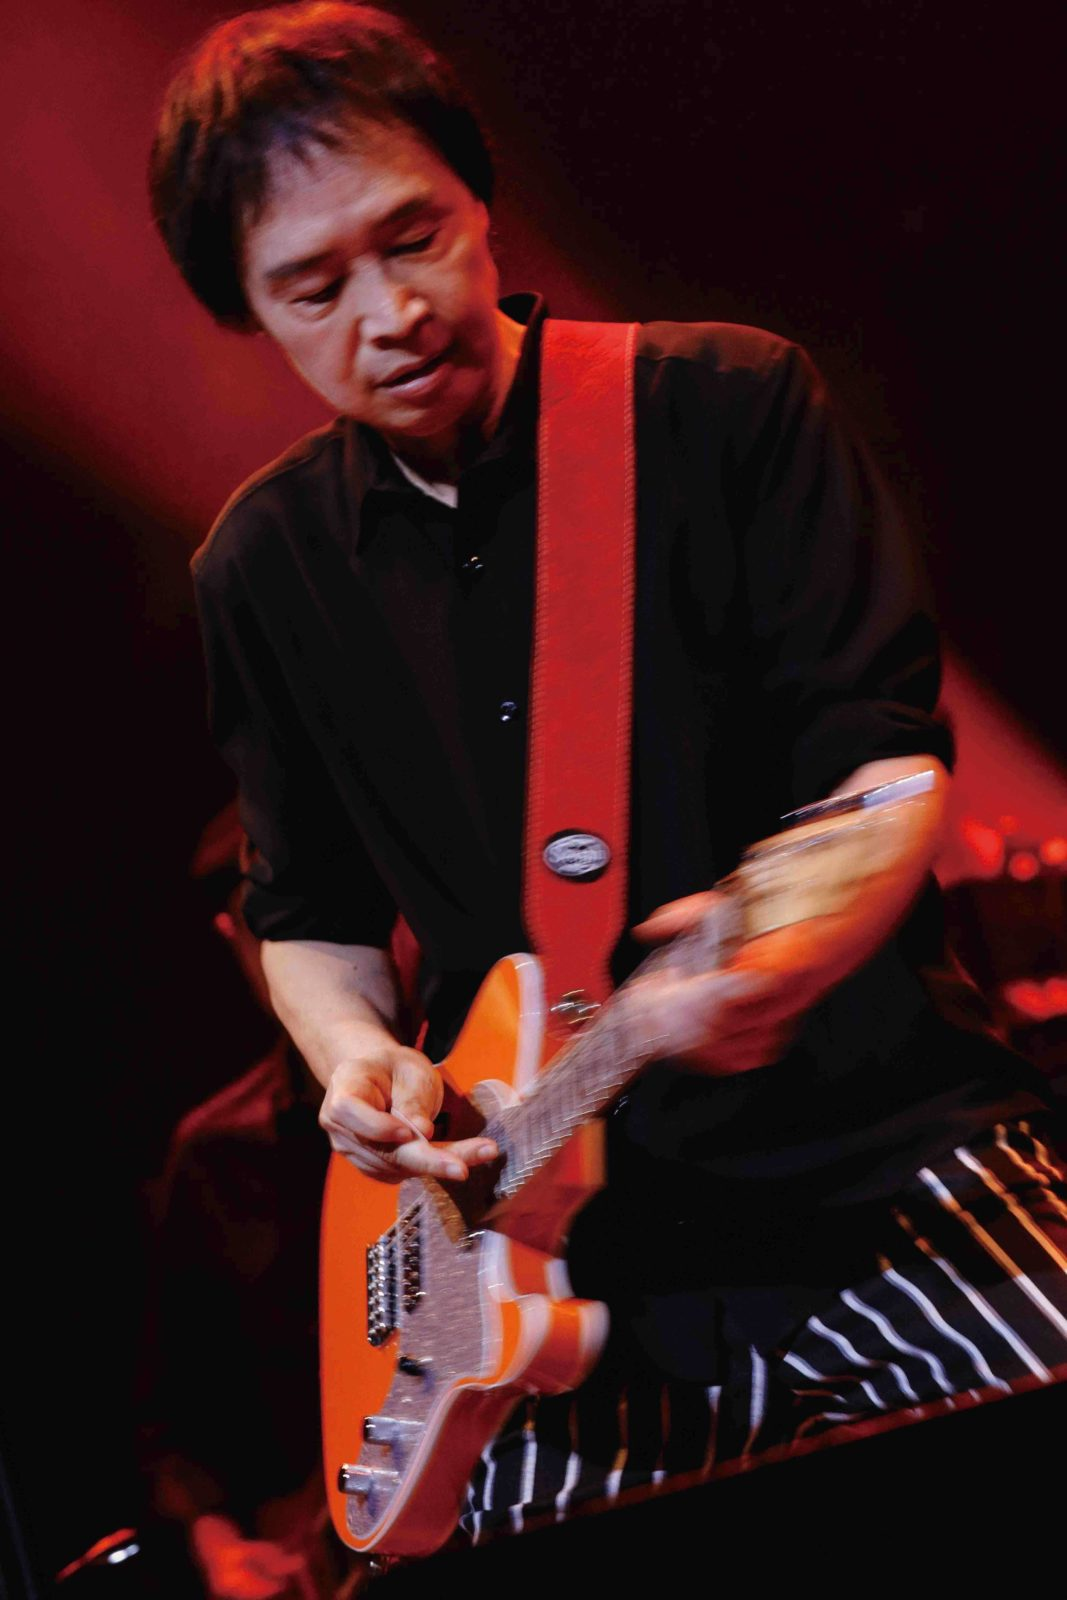 吉田拓郎、最新LIVE映像作品がオリコン週間ランキング3位でTOP10入り最年長記録を樹立サムネイル画像